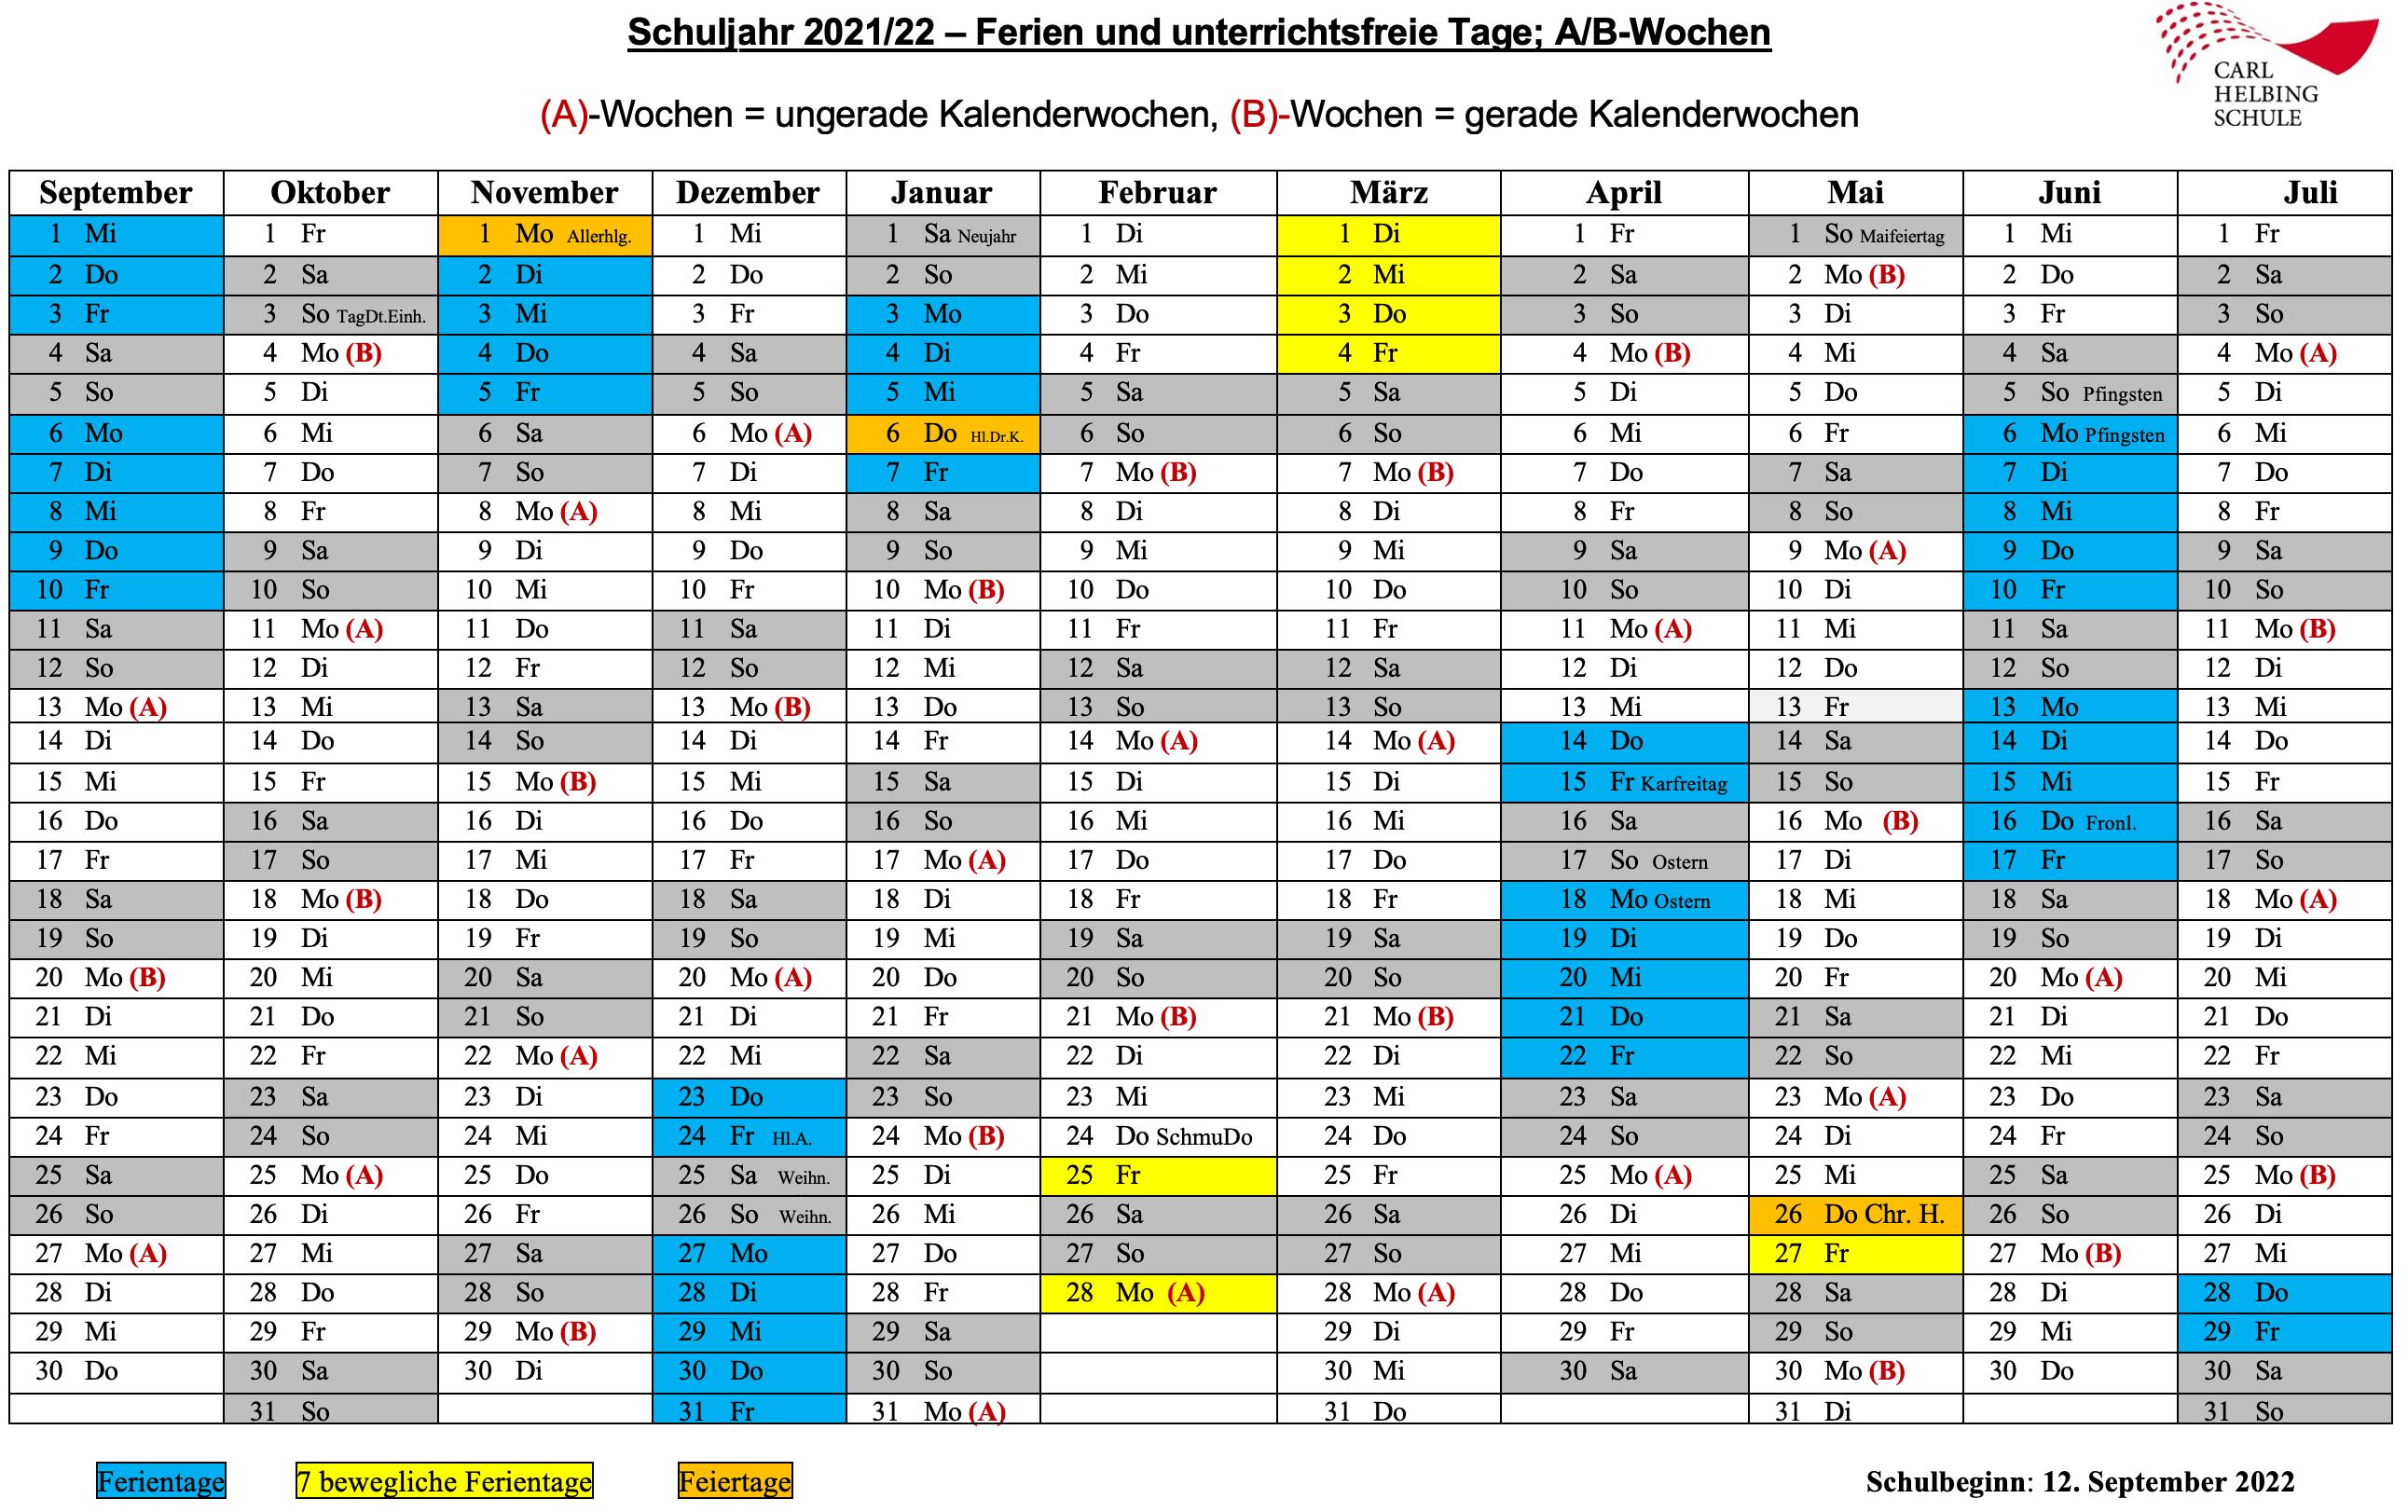 A/B-Wochenplan + Ferien, Schuljahr 2021/22